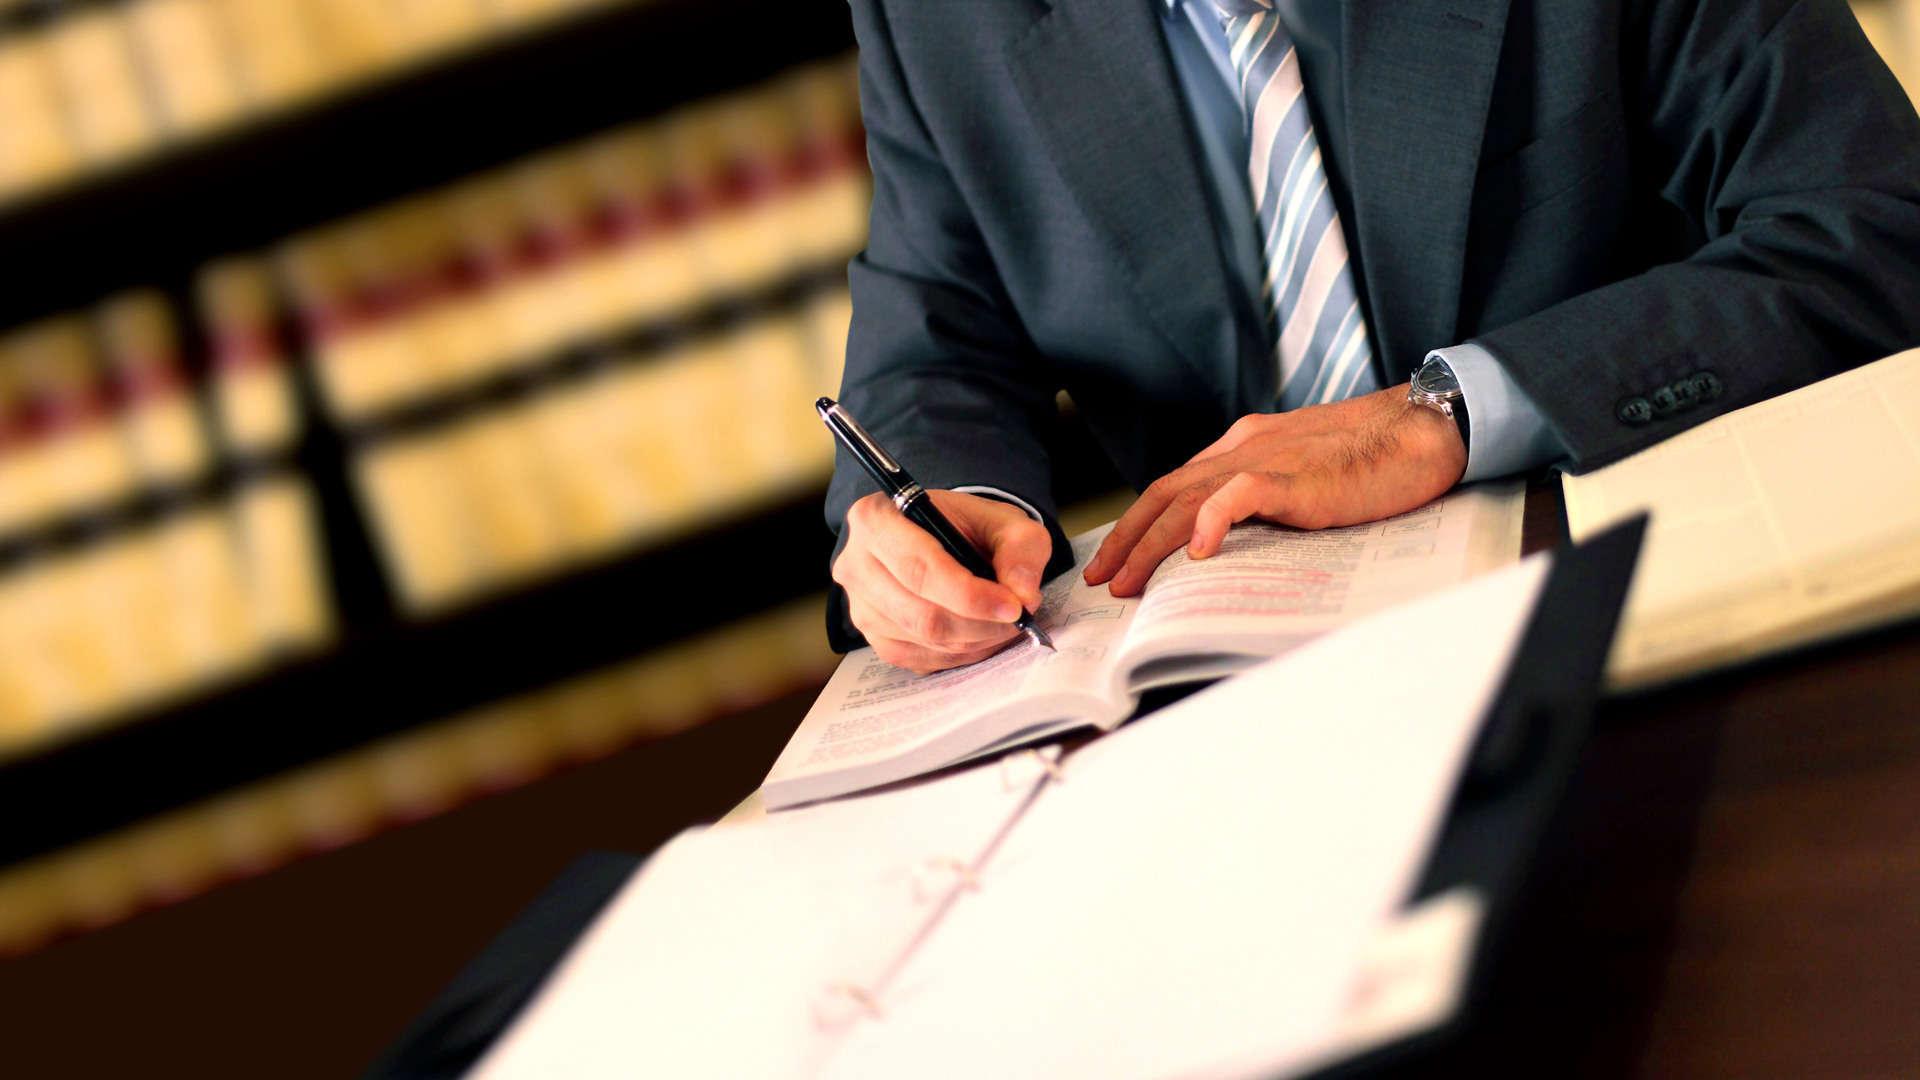 тематику картинки на юридическую